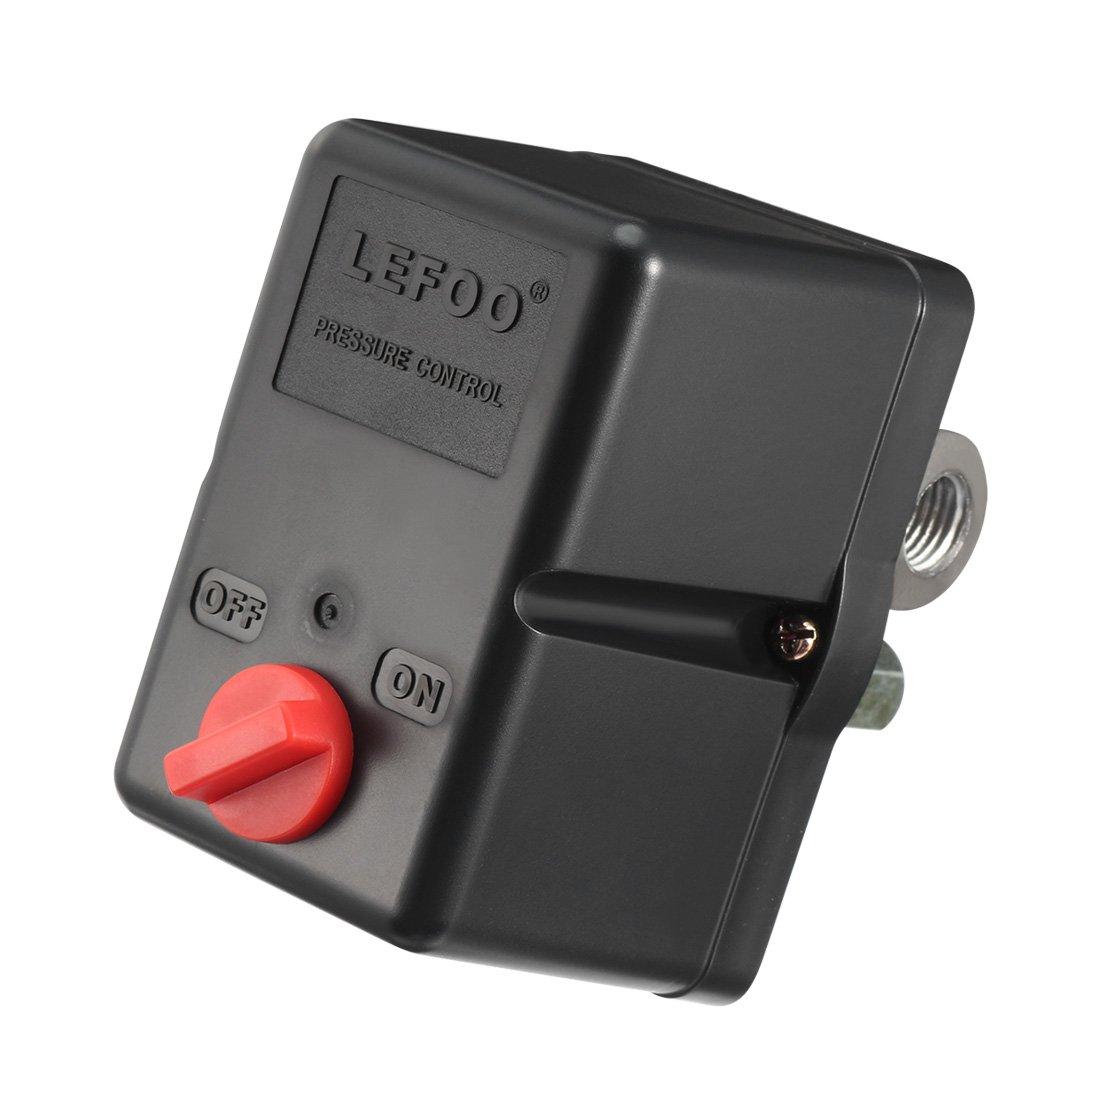 sourcingmap 240V 29-58psi 4 Porta Famele compressore aria Interruttore a pressione valvola controllo sourcing map a17061300ux0142